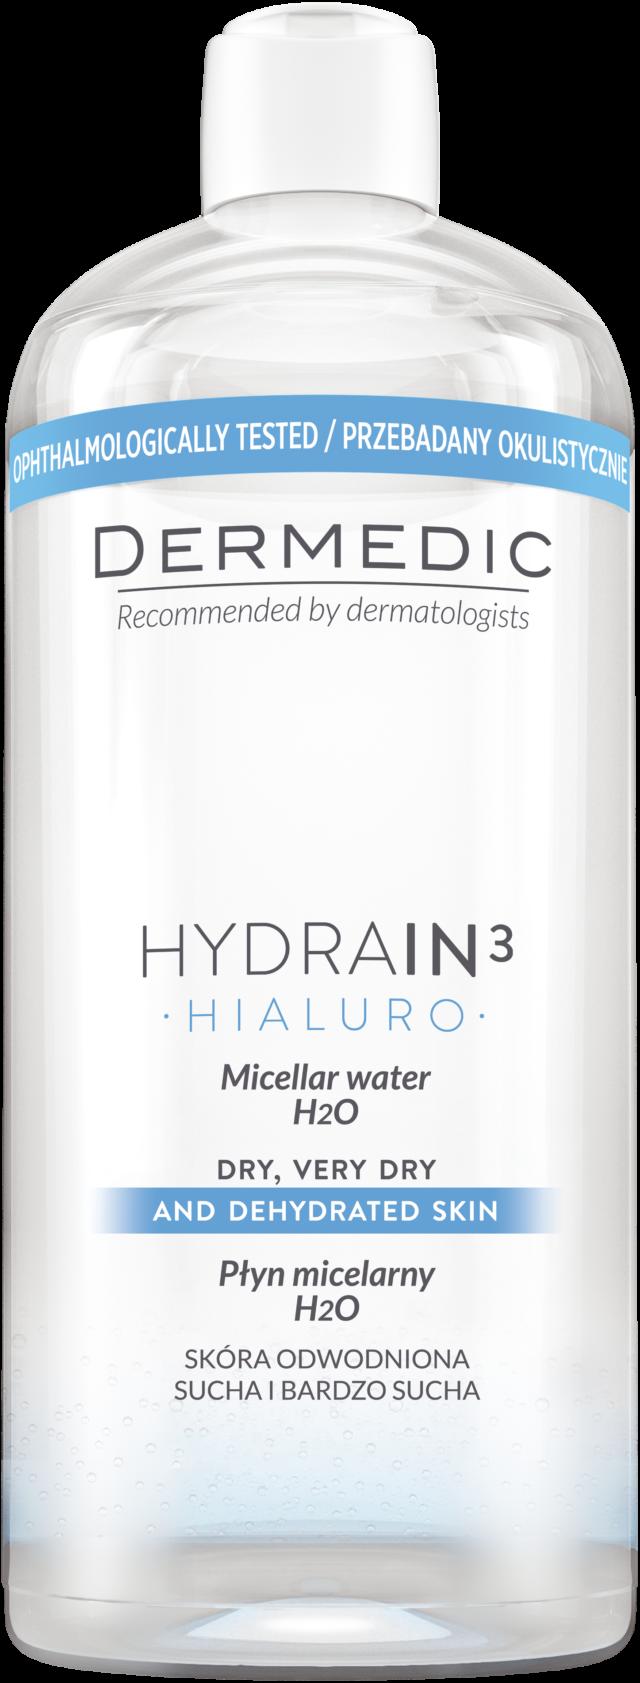 DERMEDIC HYDRAIN 3 HIALURO Płyn micelarny H2O